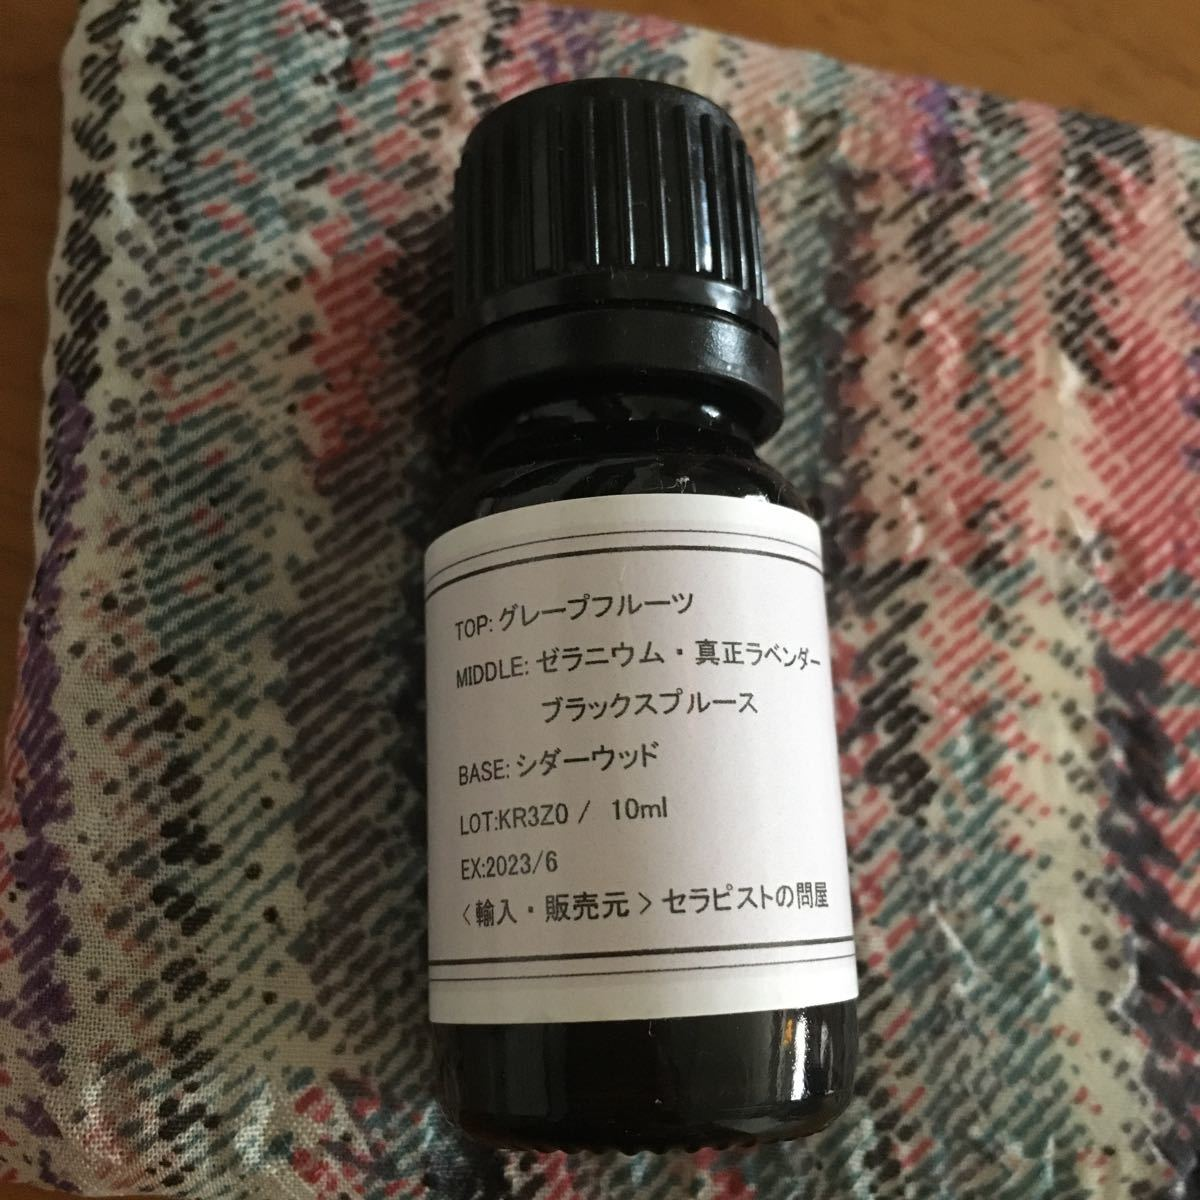 エッセンシャルオイル アロマオイル 香りと暮らす